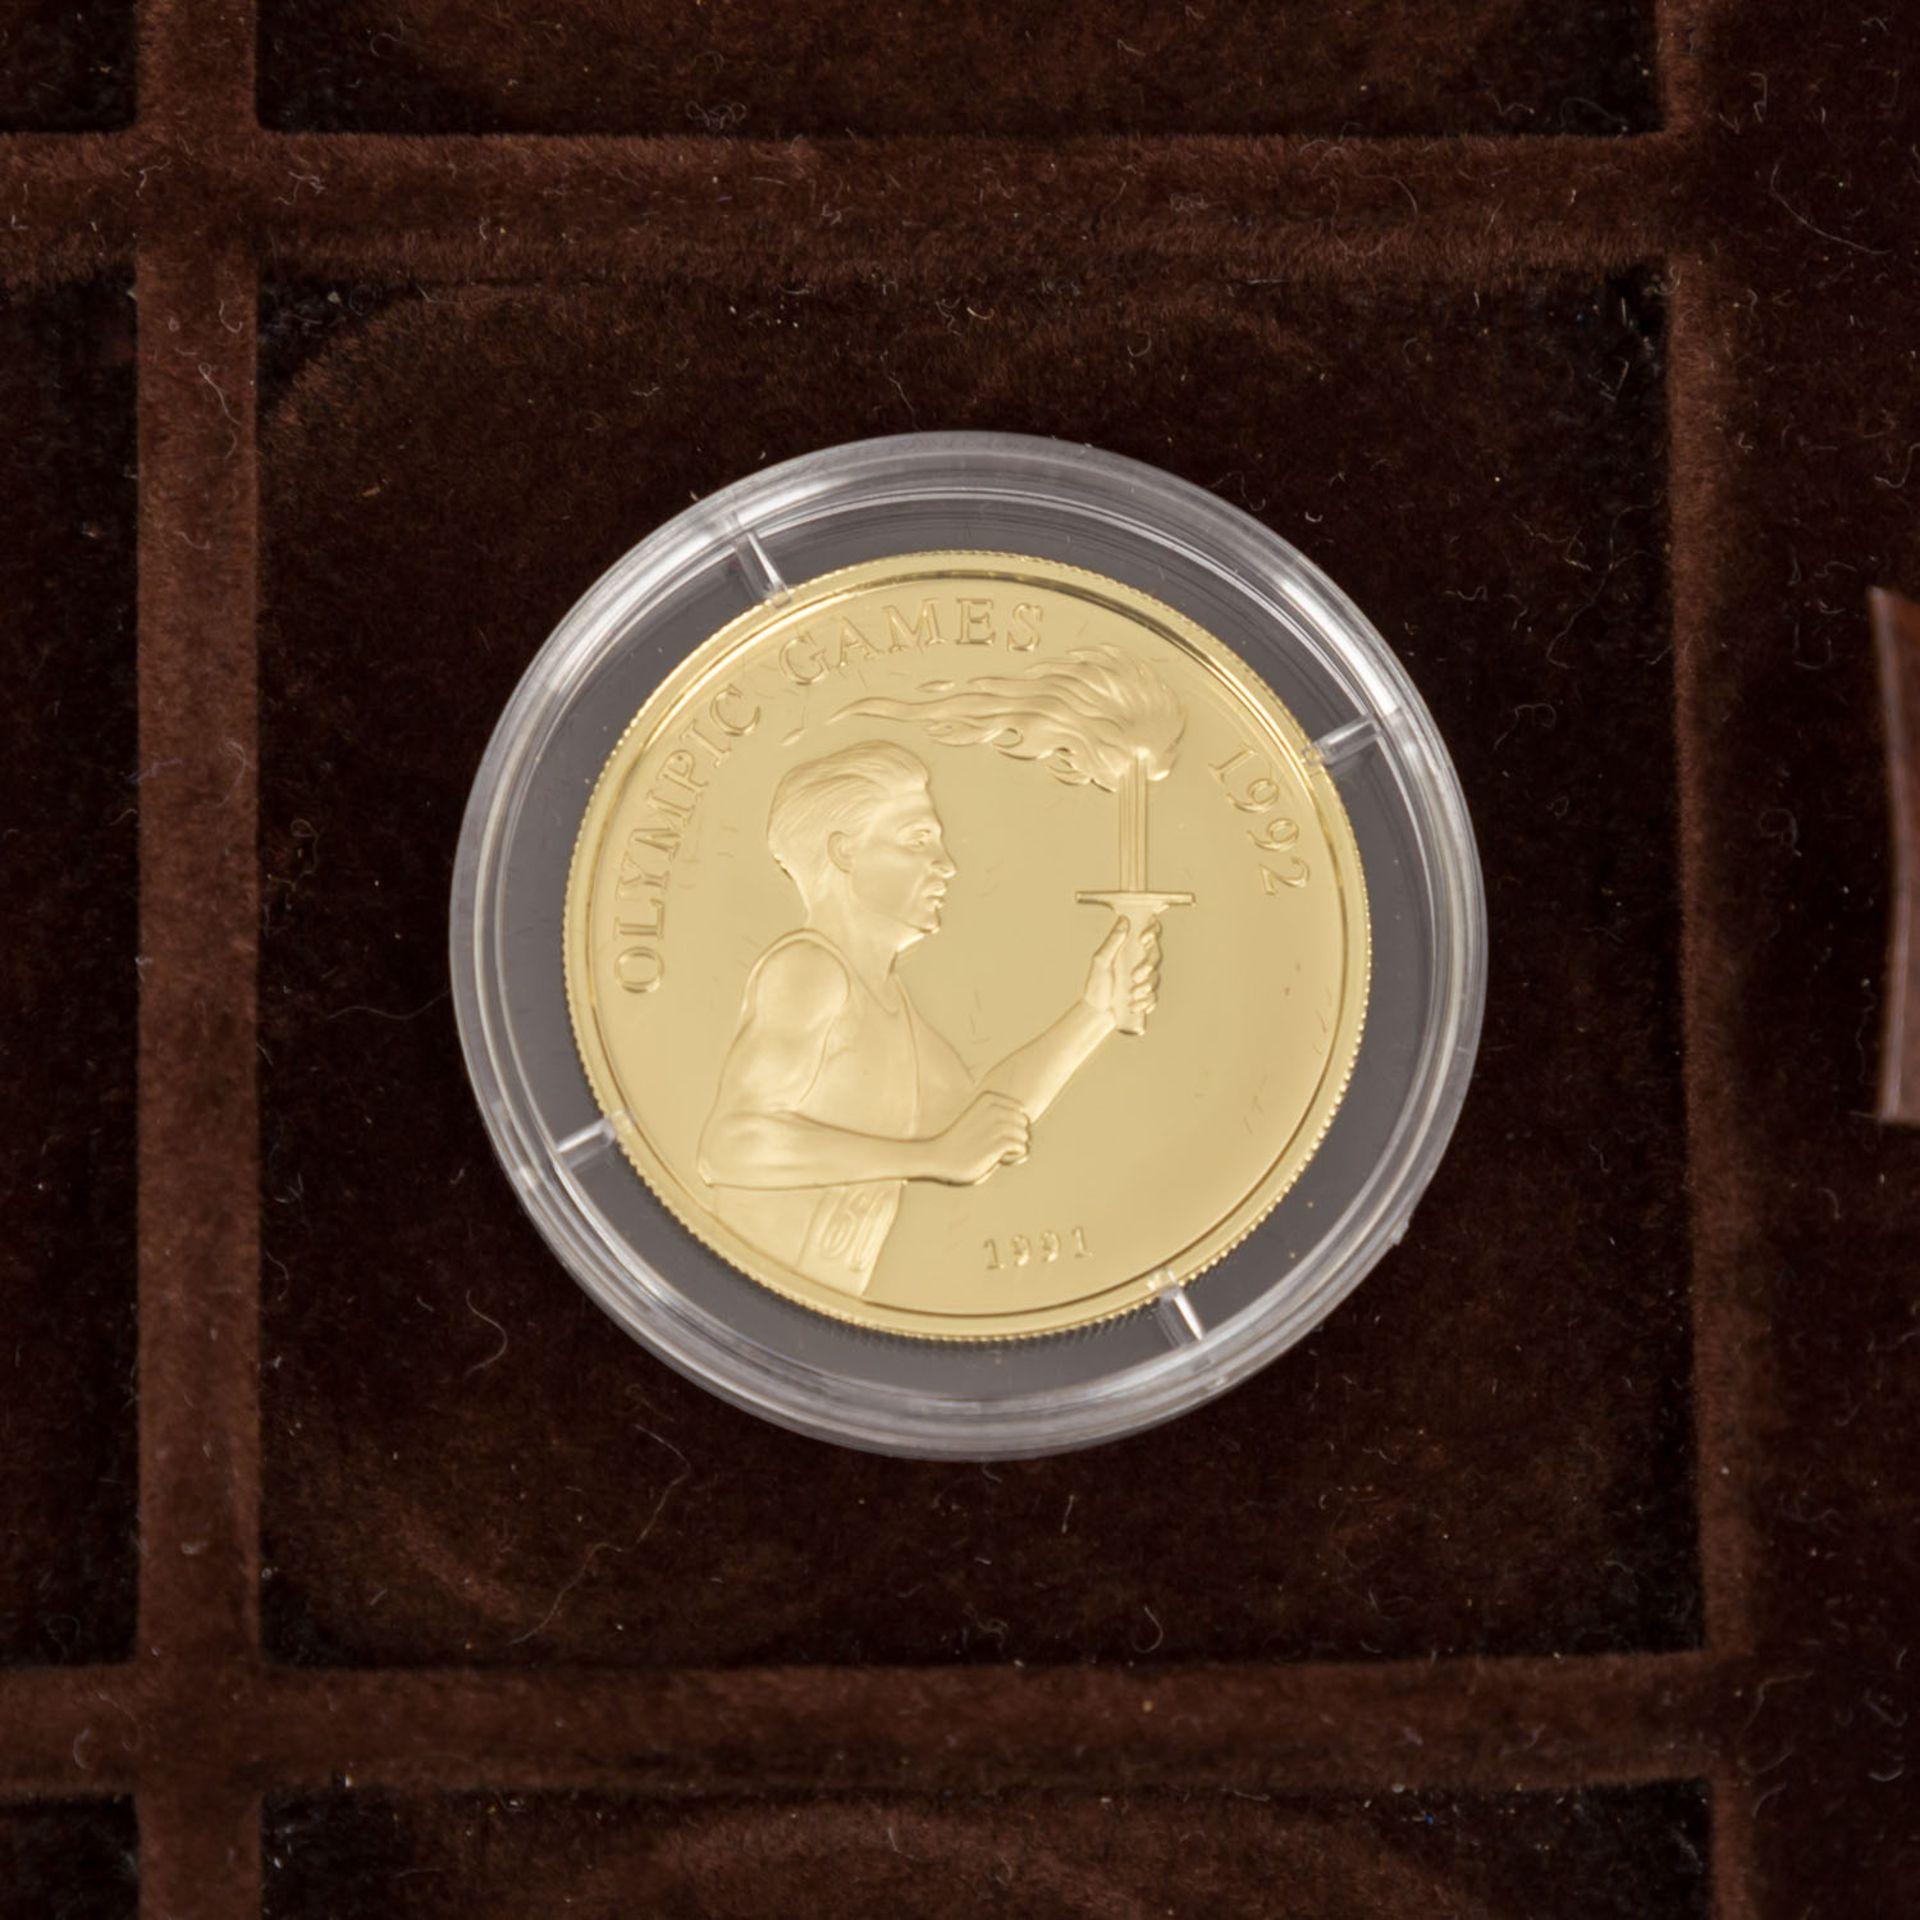 GOLDSCHATZ ca. 83 g fein, Holzkiste bestehend aus - Bild 6 aus 9